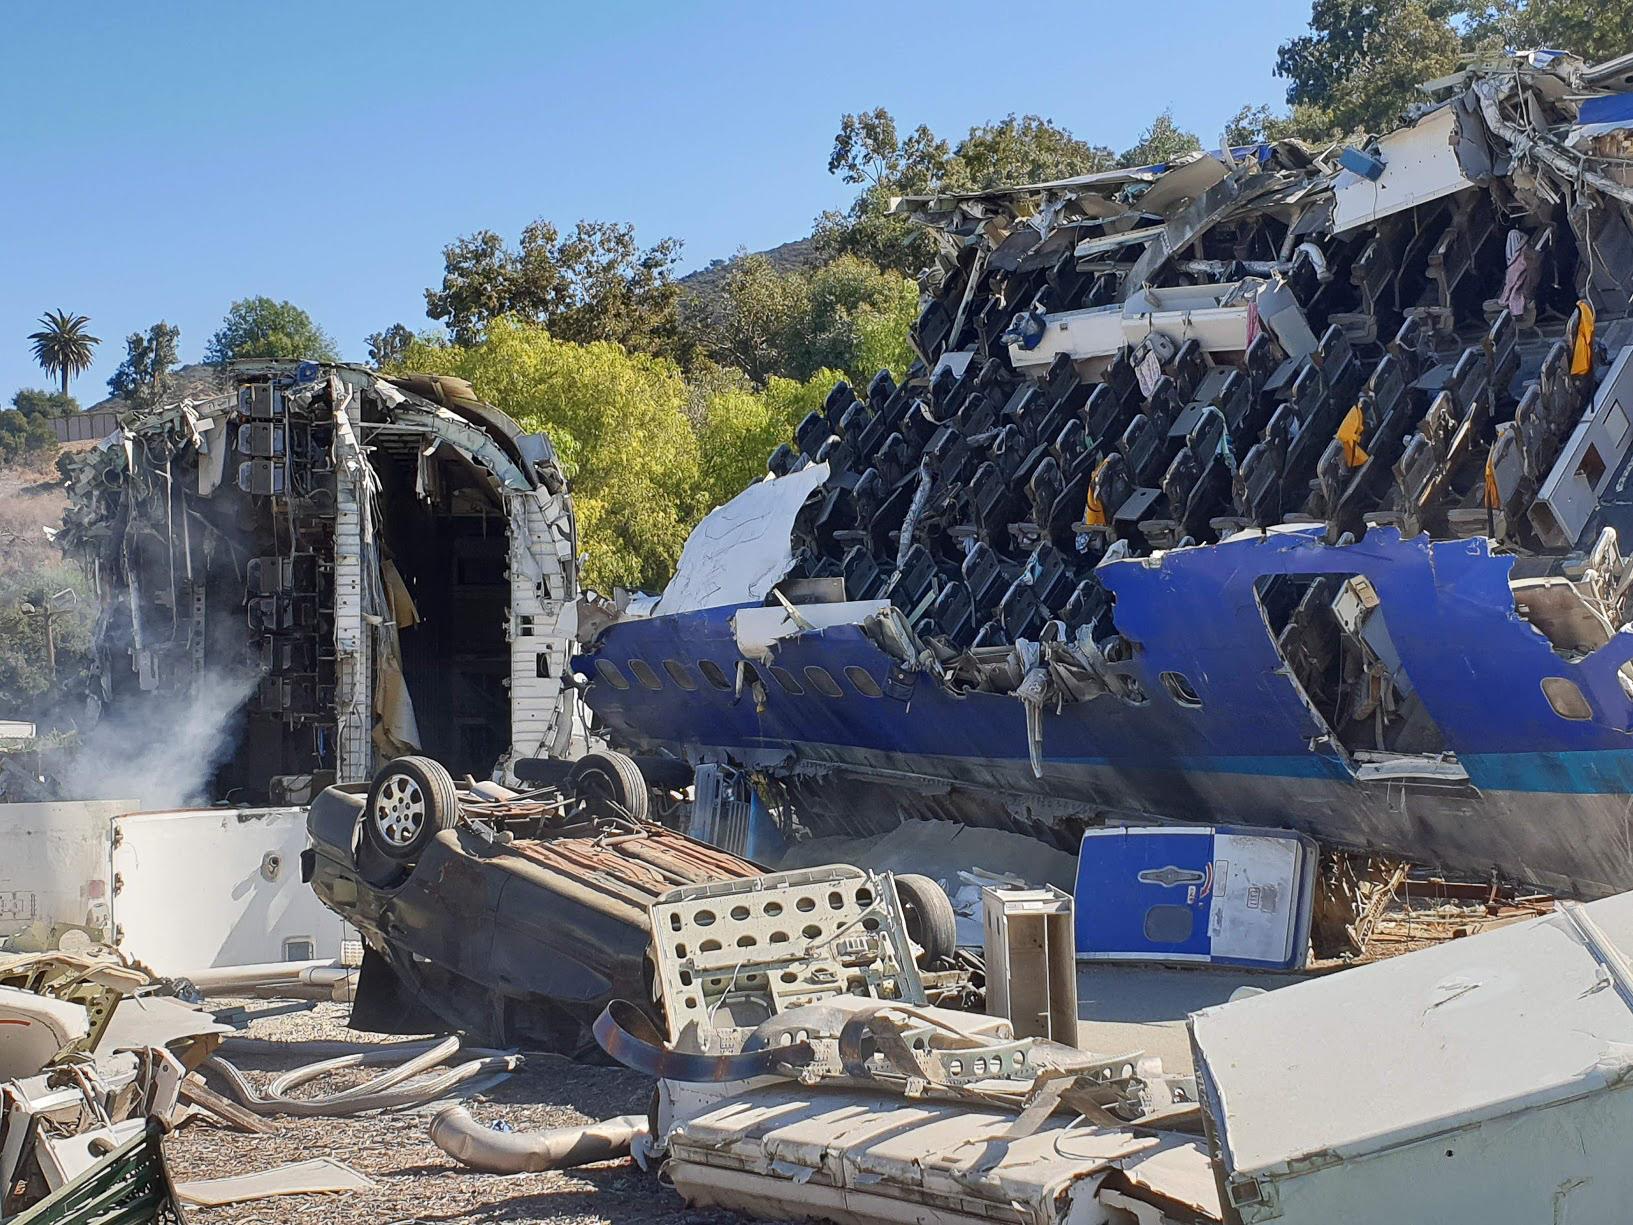 A cool plane crash set